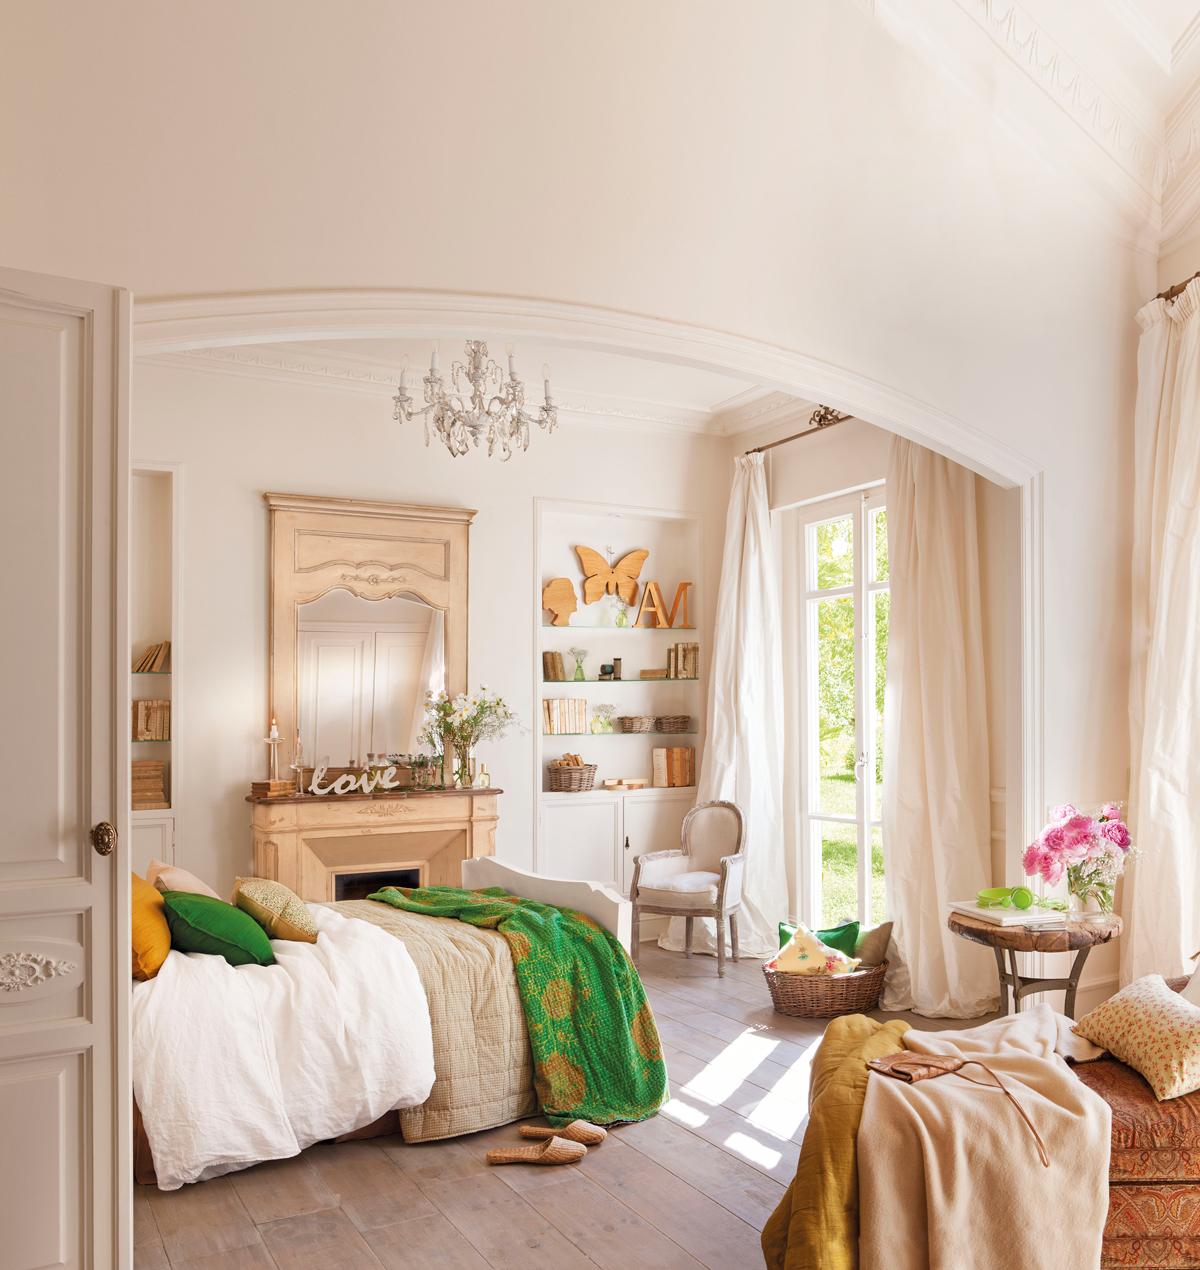 Decora tu dormitorio con estilo vintage - Imagenes para dormitorios ...